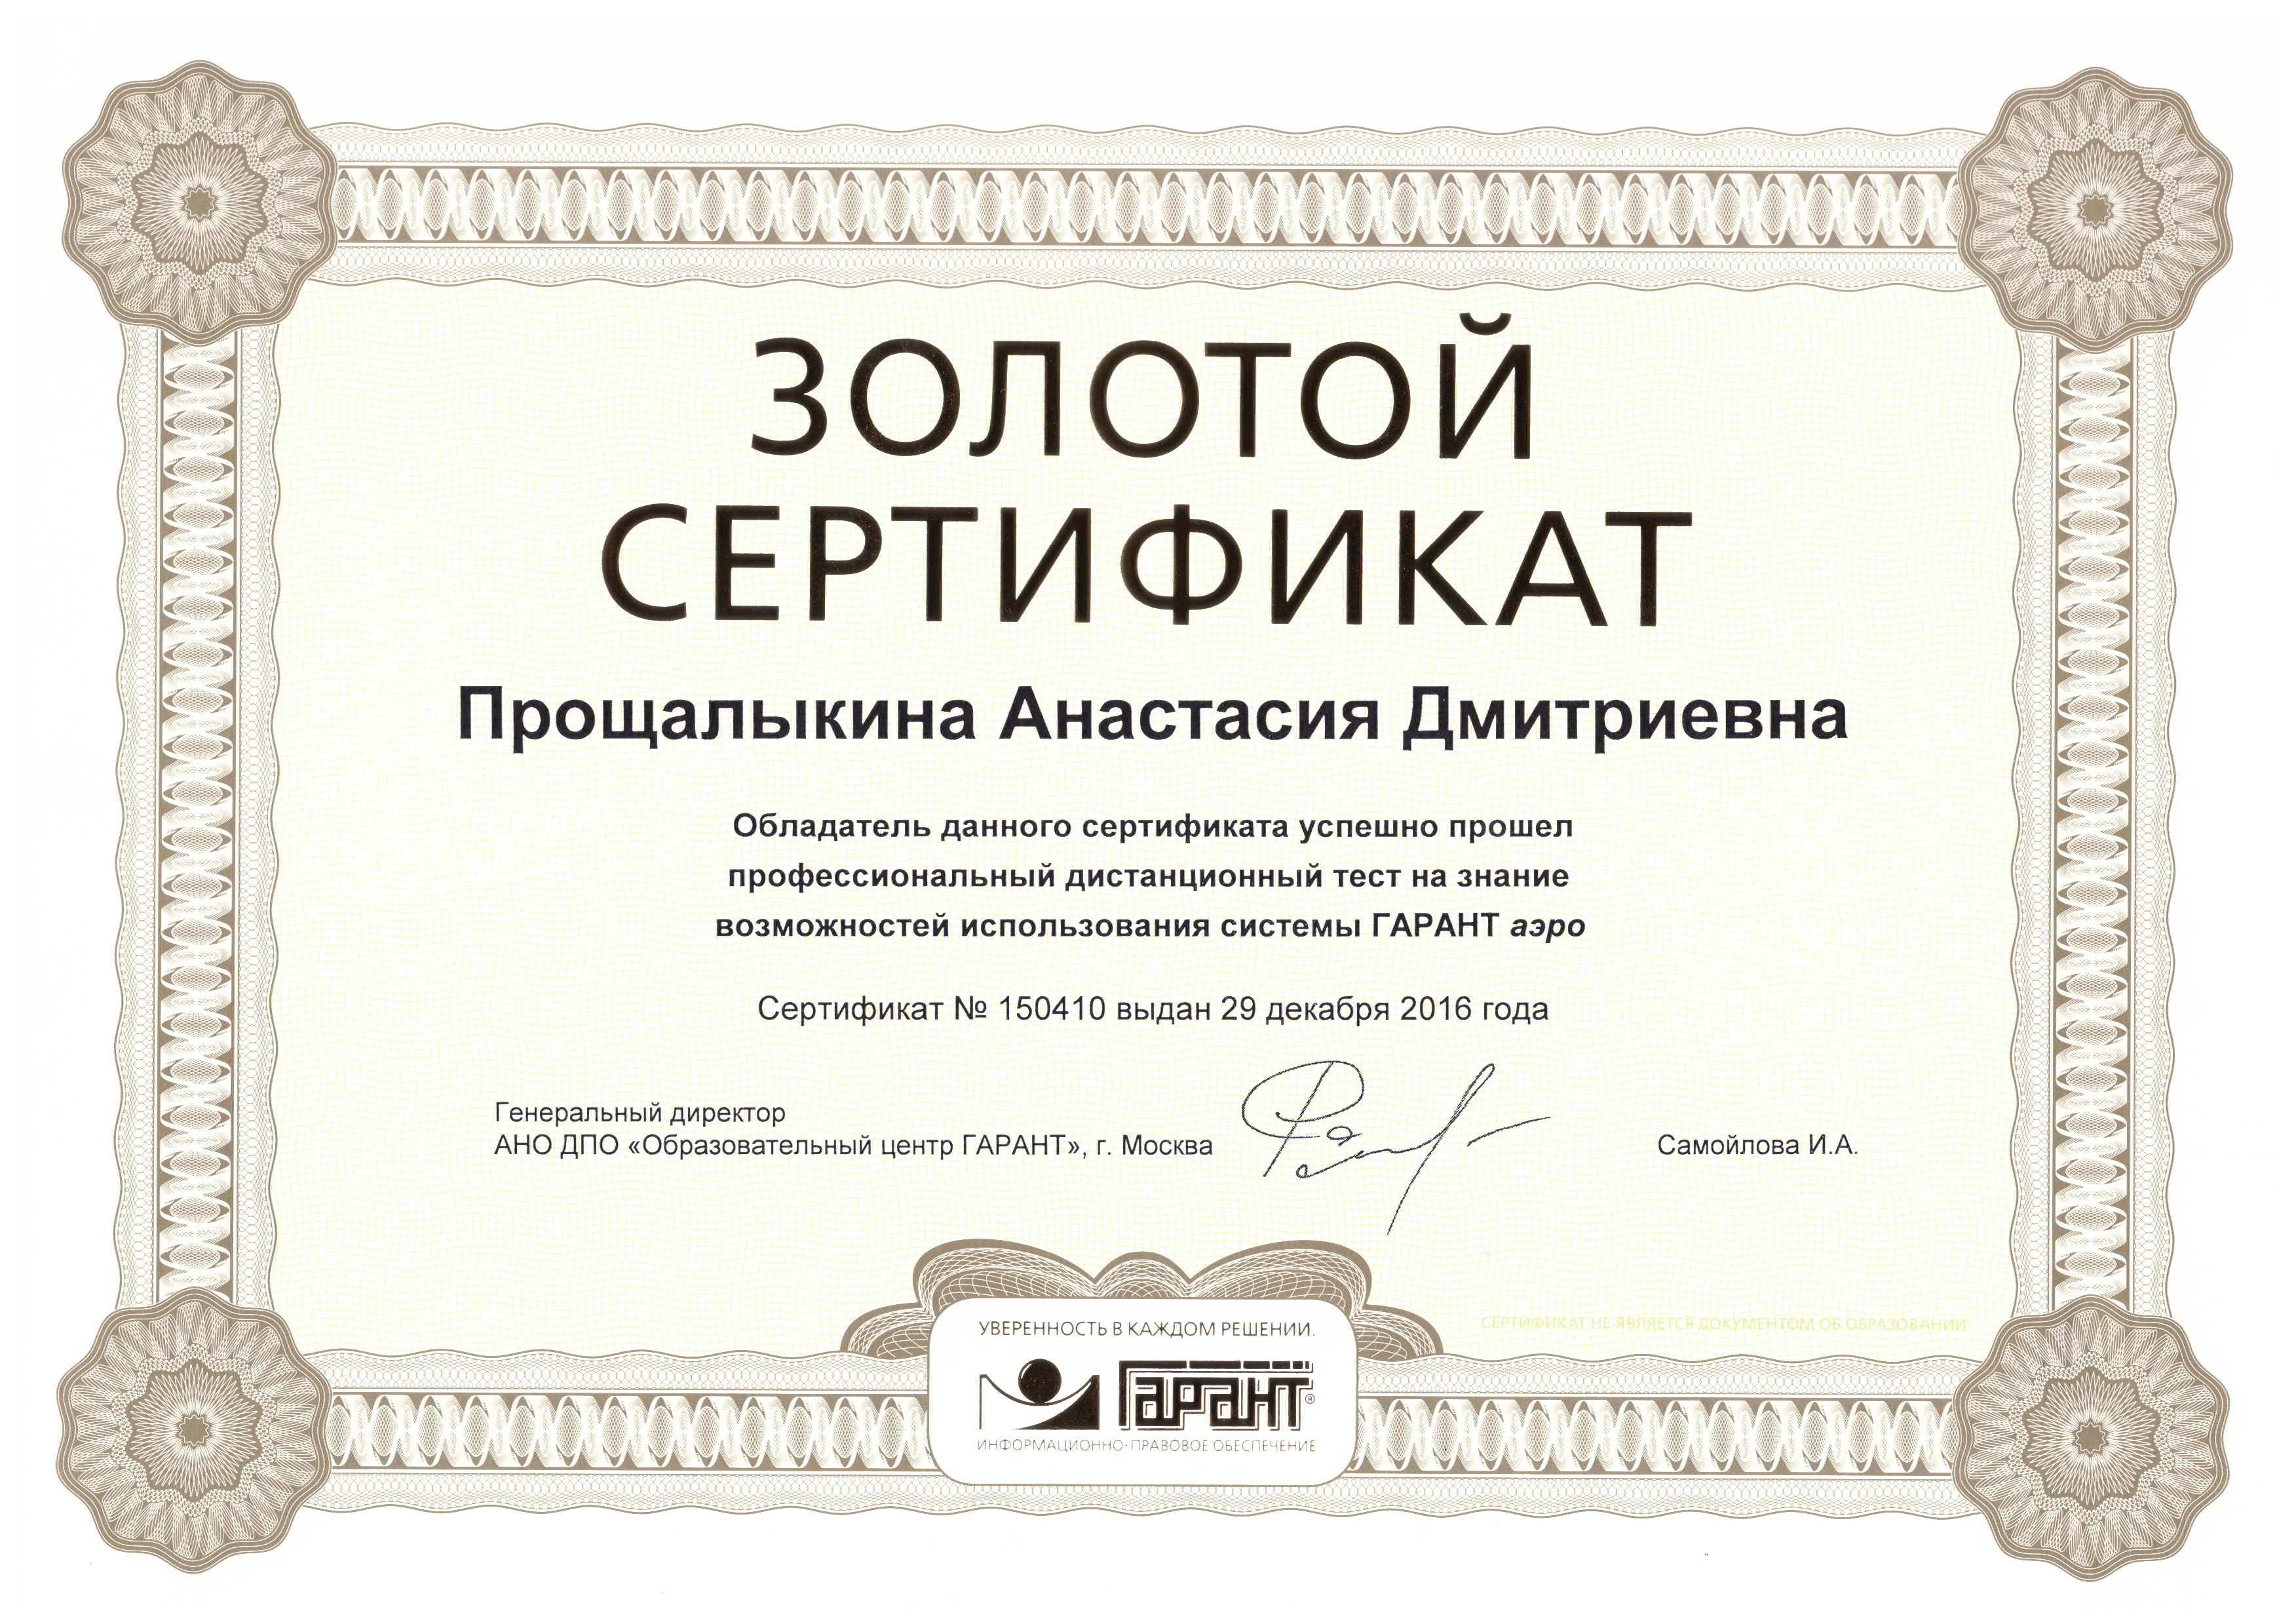 ответы на тест гарант серебряный сертификат